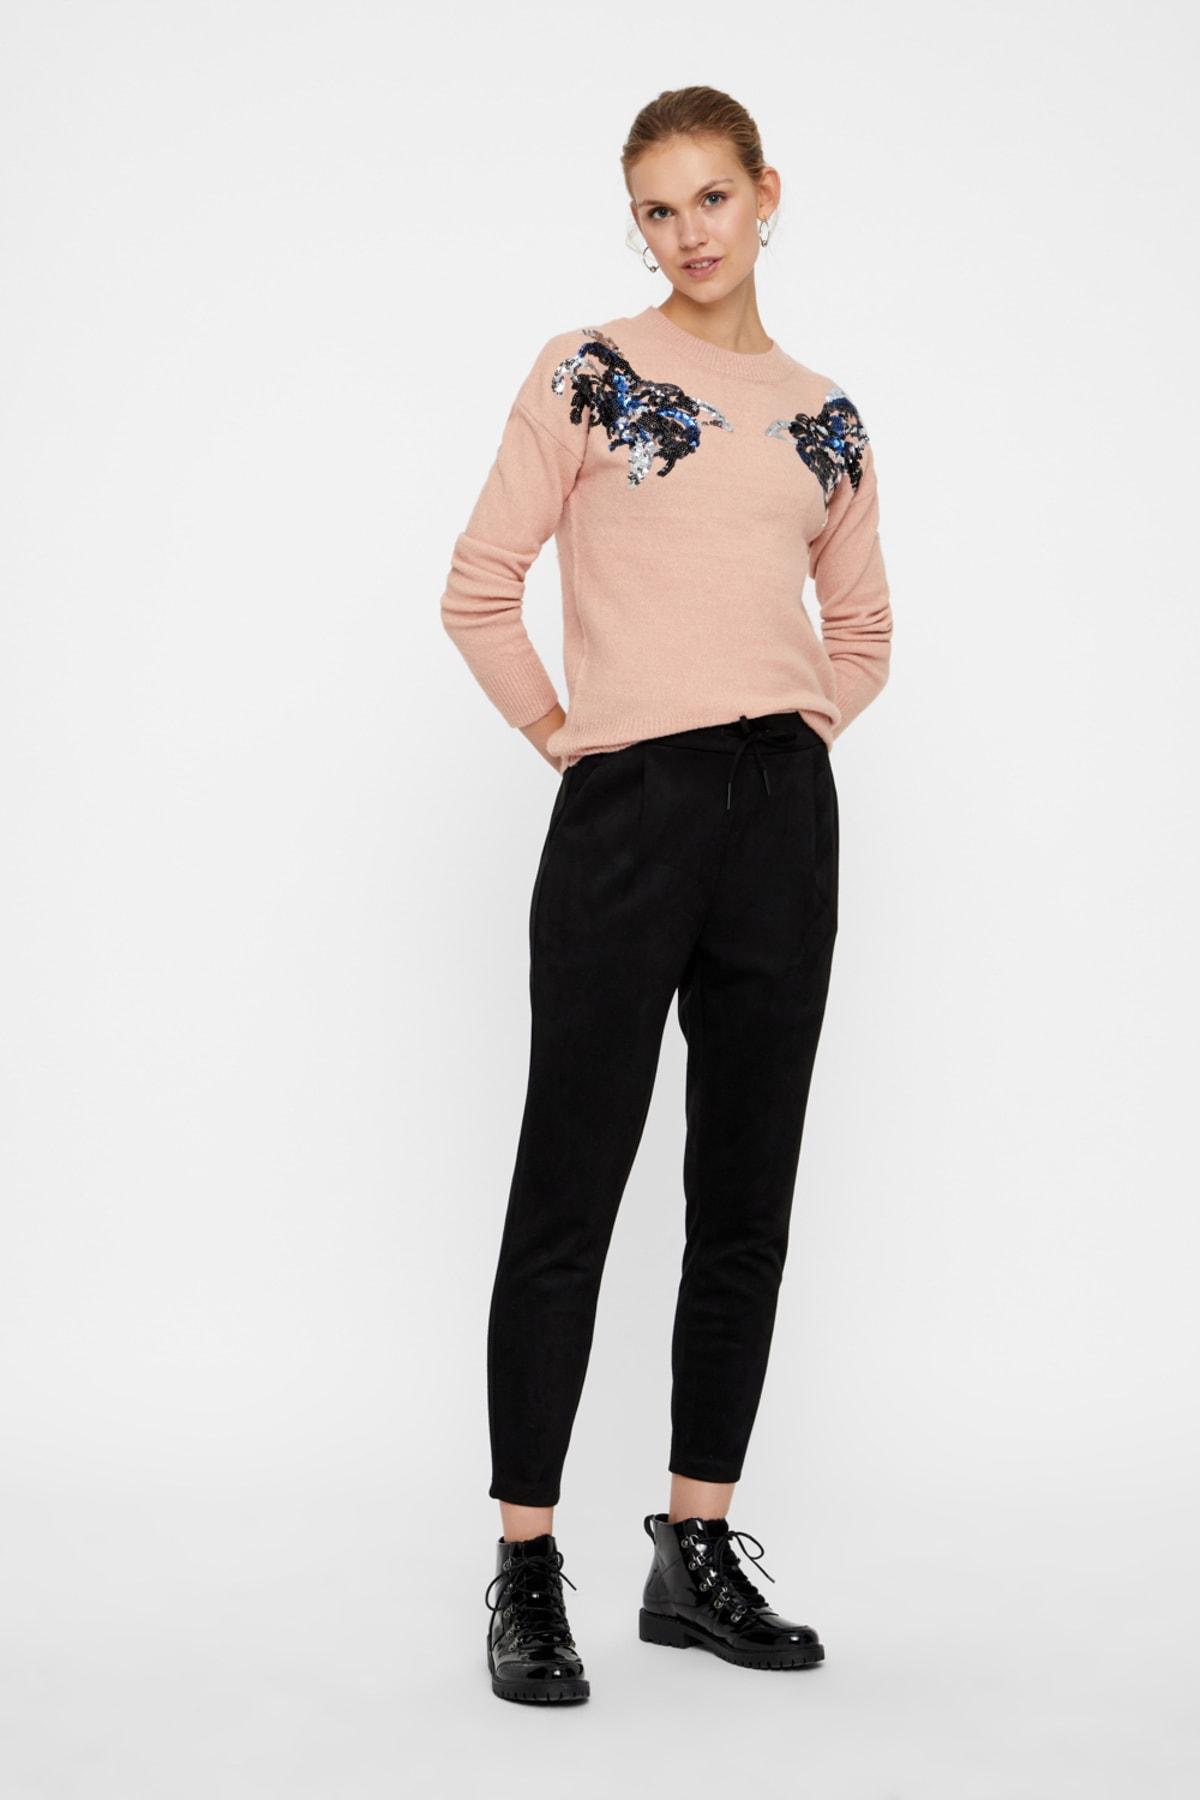 Vero Moda Kadın Siyah Beli Lastikli Bilekte Süet Pantolon 10204640 VMEVA 1